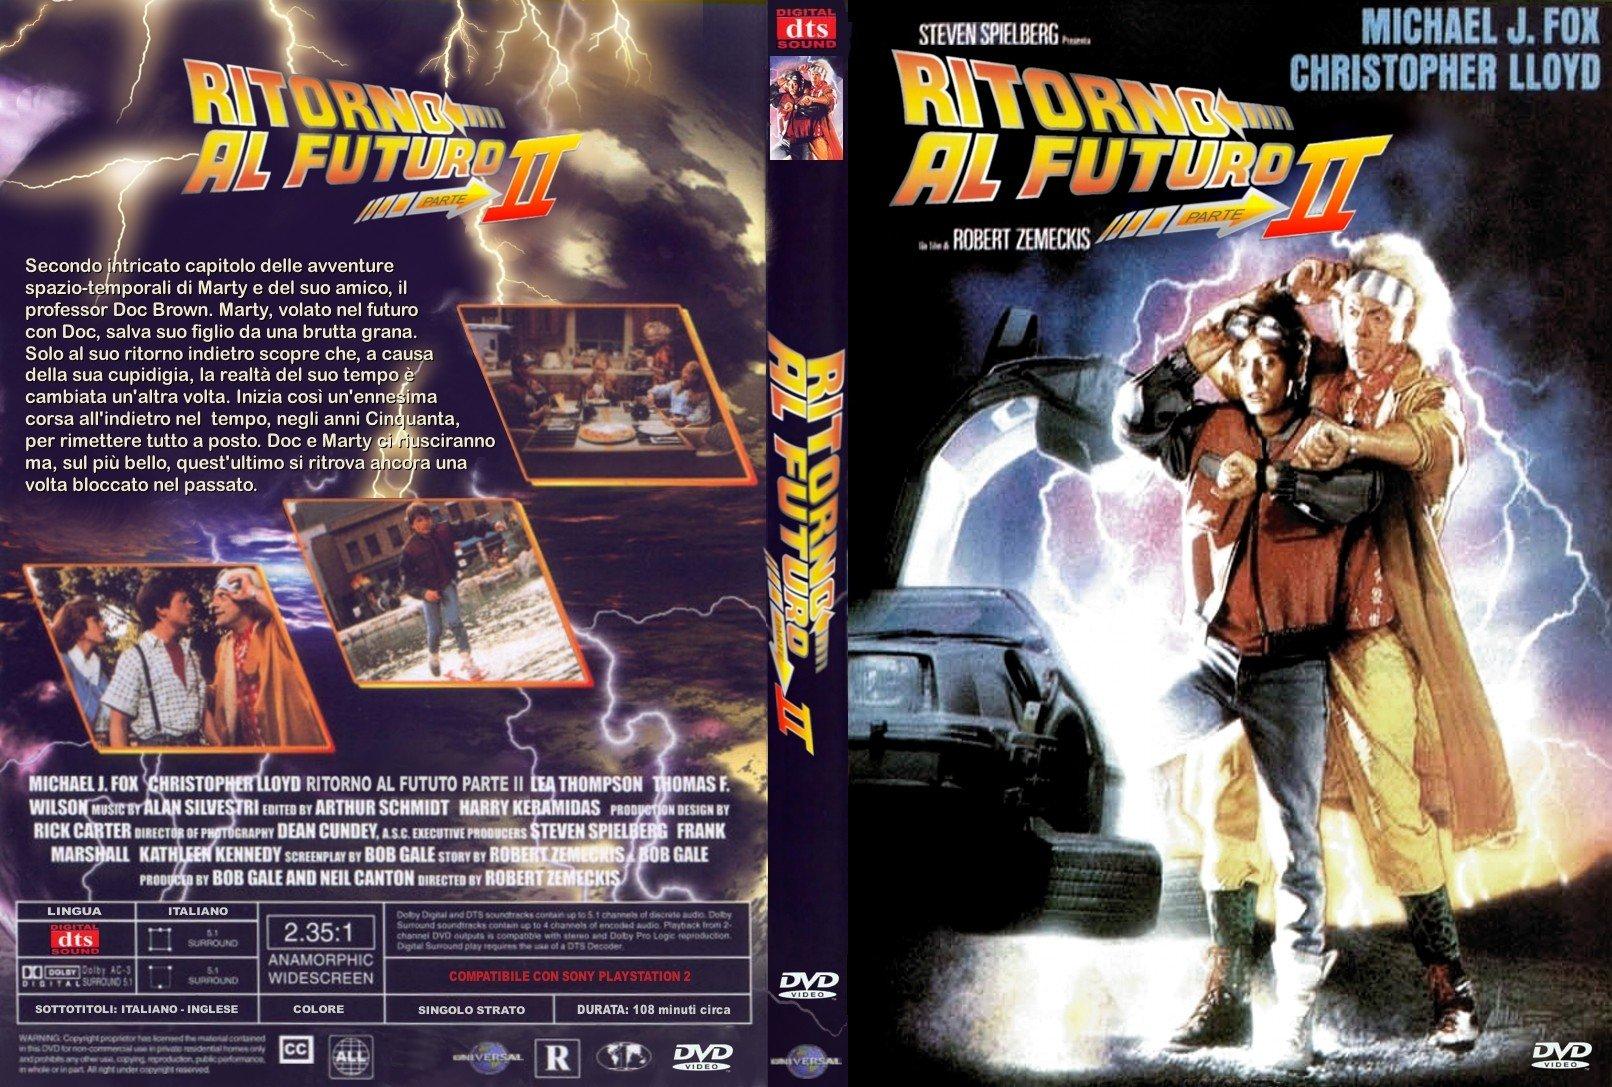 Ritorno al futuro parte ii film consigliati